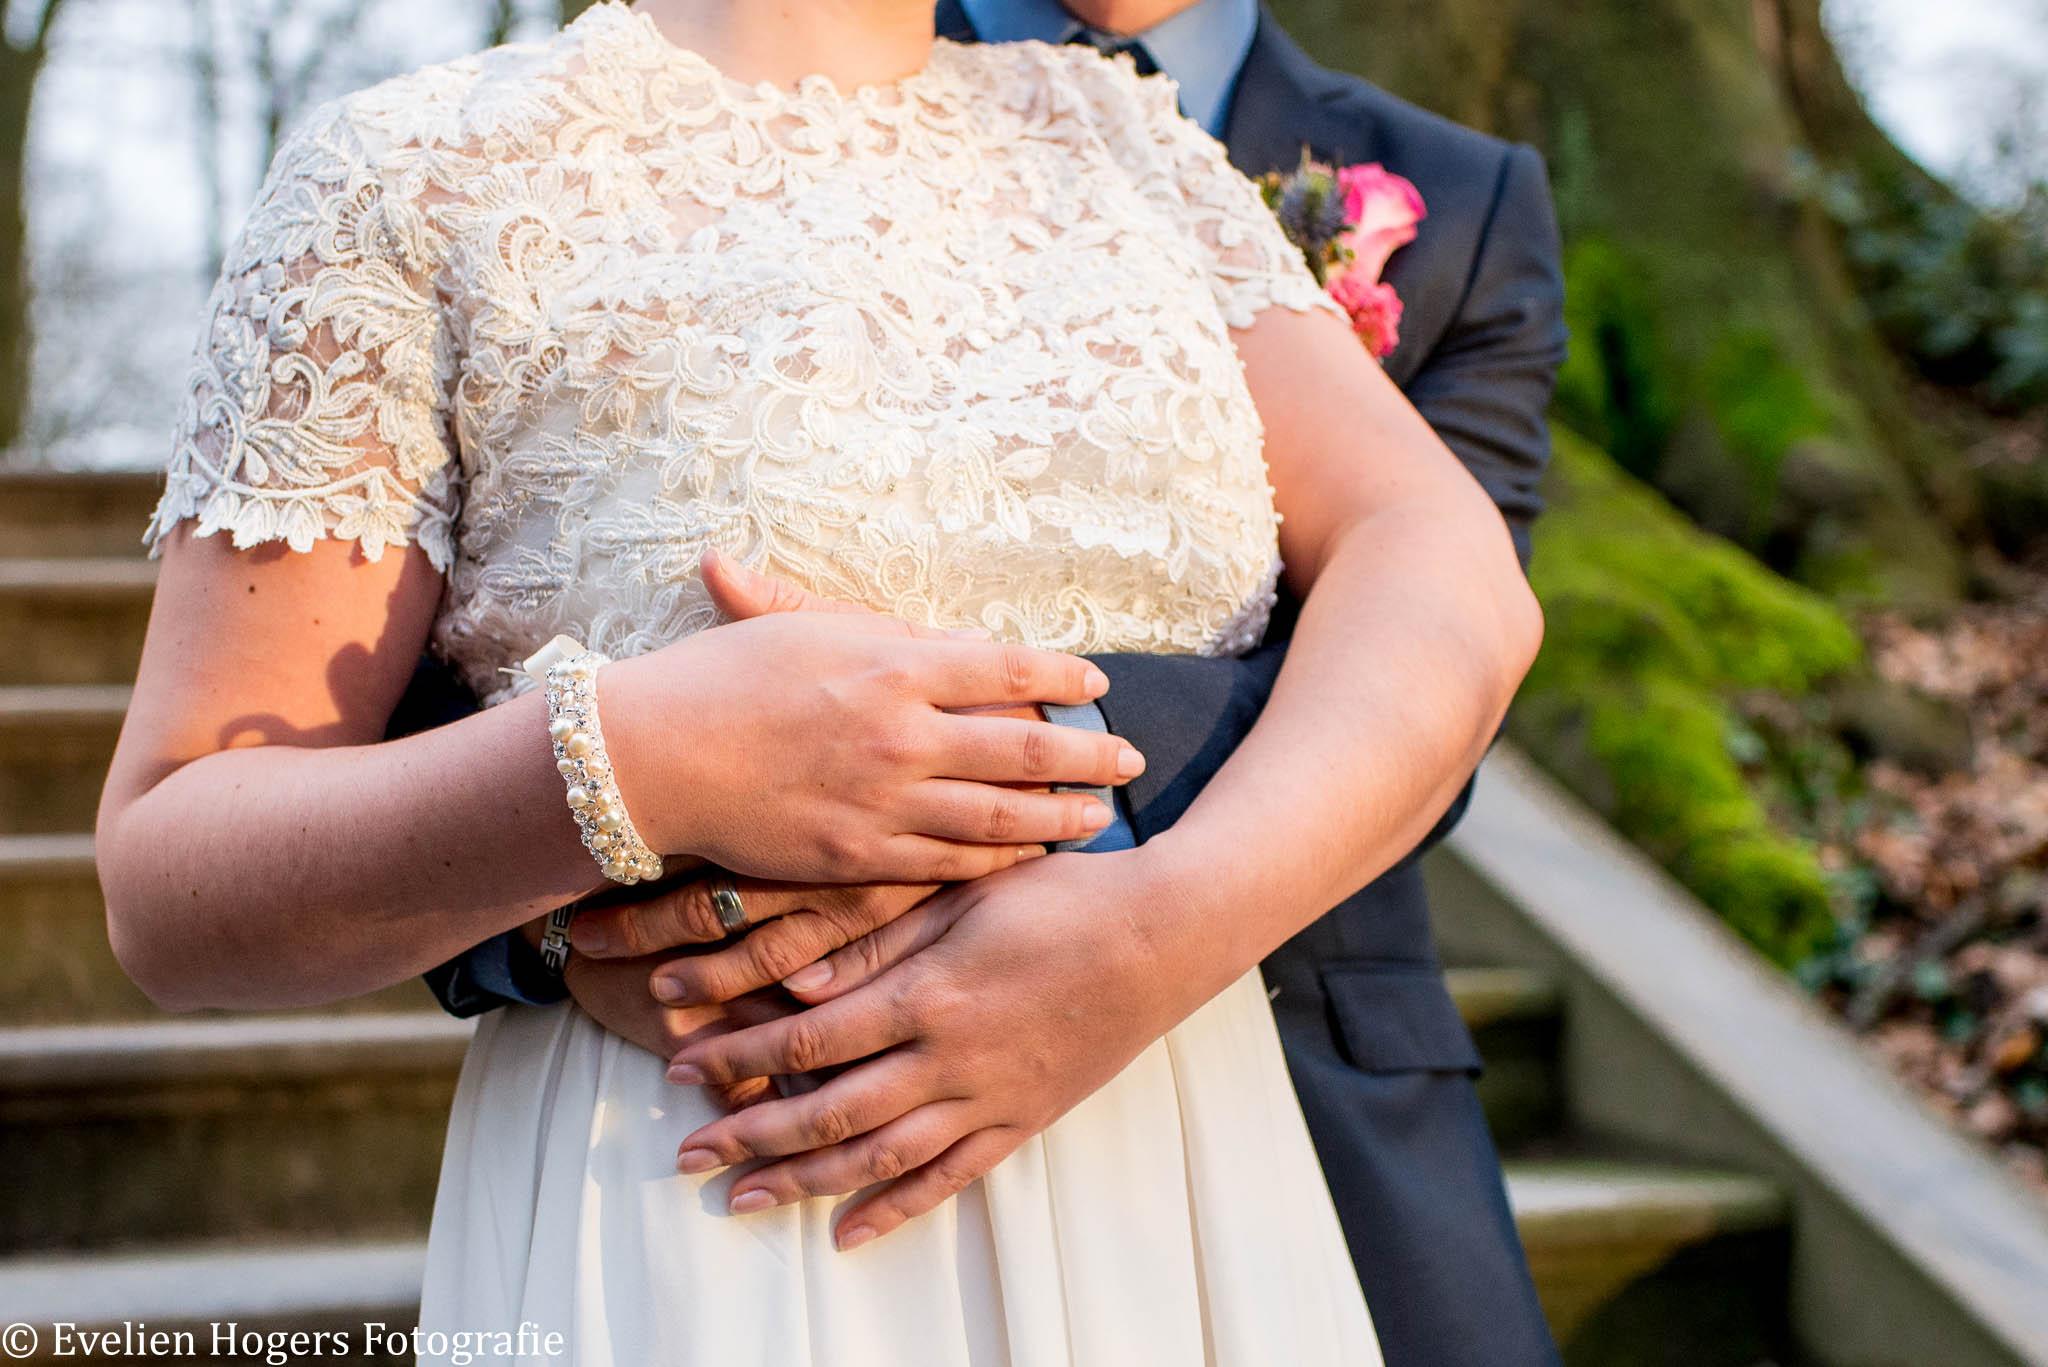 Estate_wedding_Metwatermerk-74.jpg